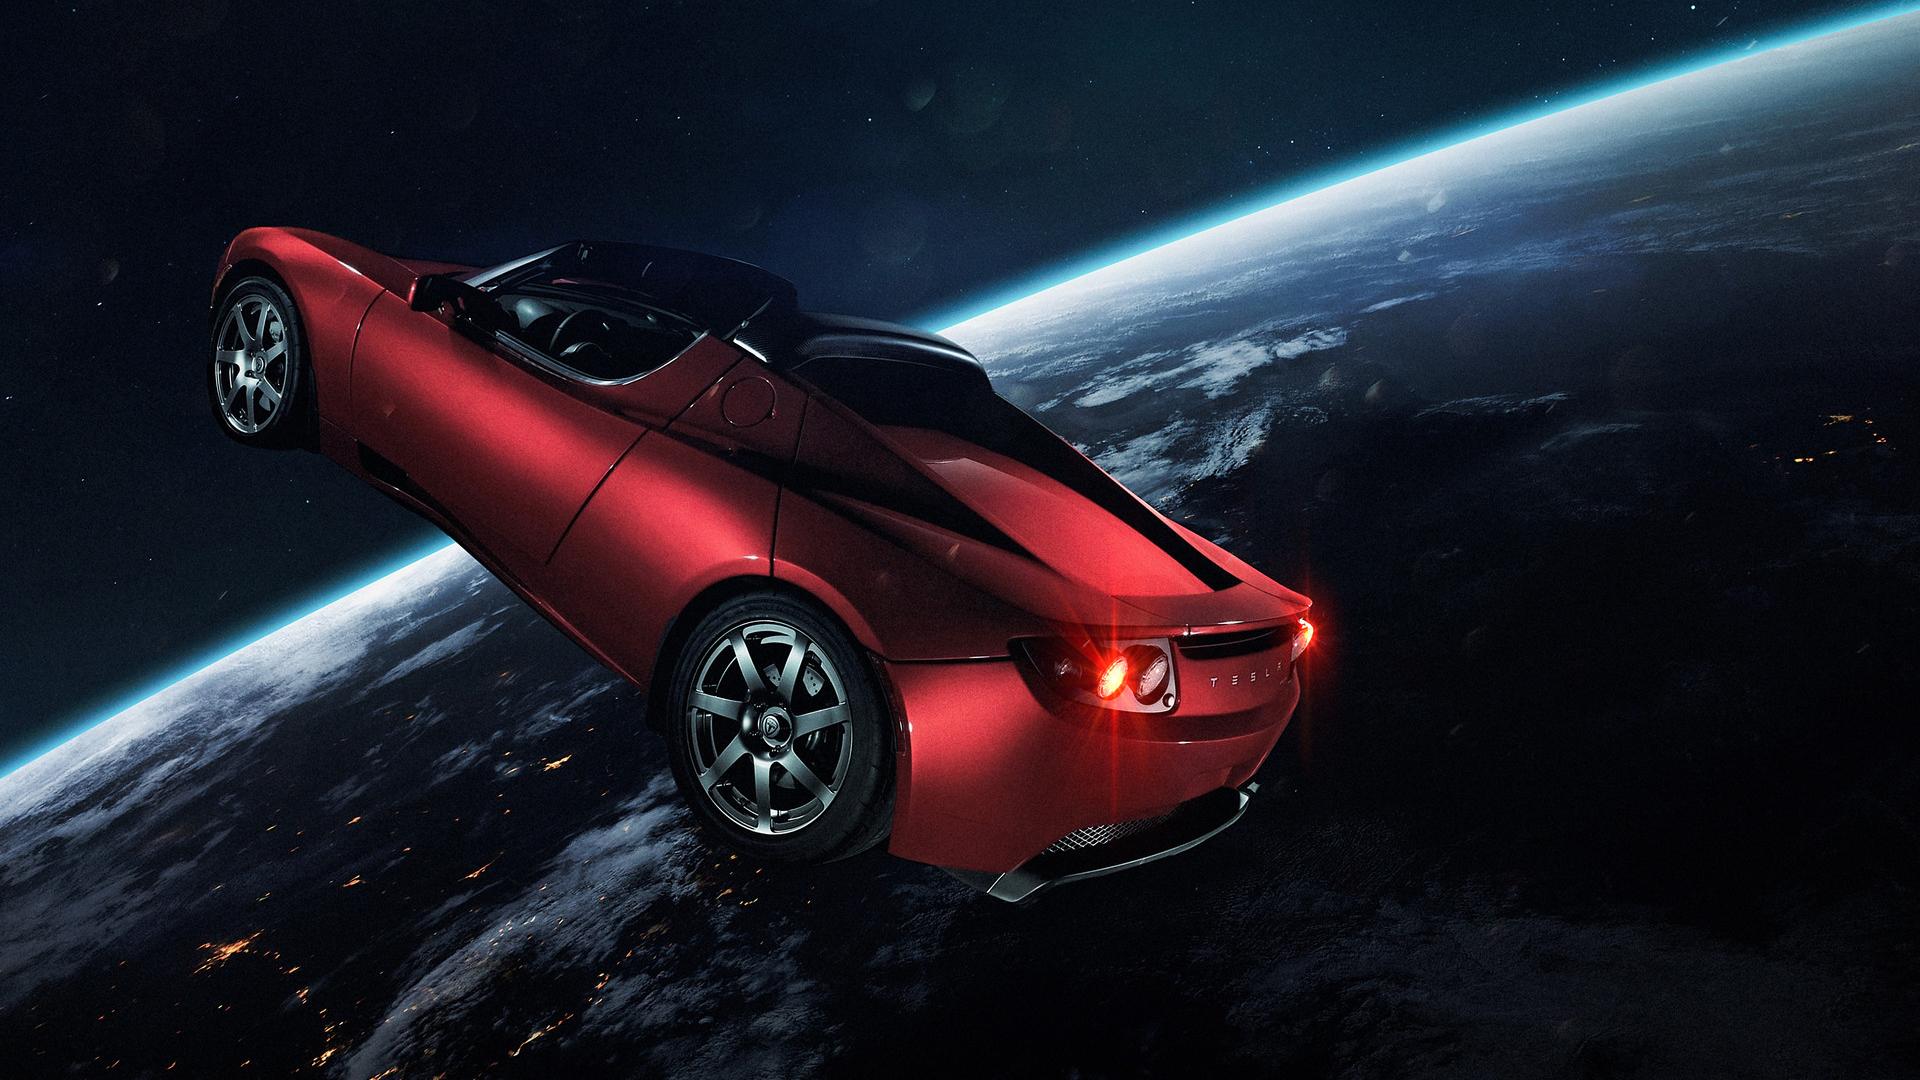 Илон Маск Тесла Родстер в космосе обои скачать